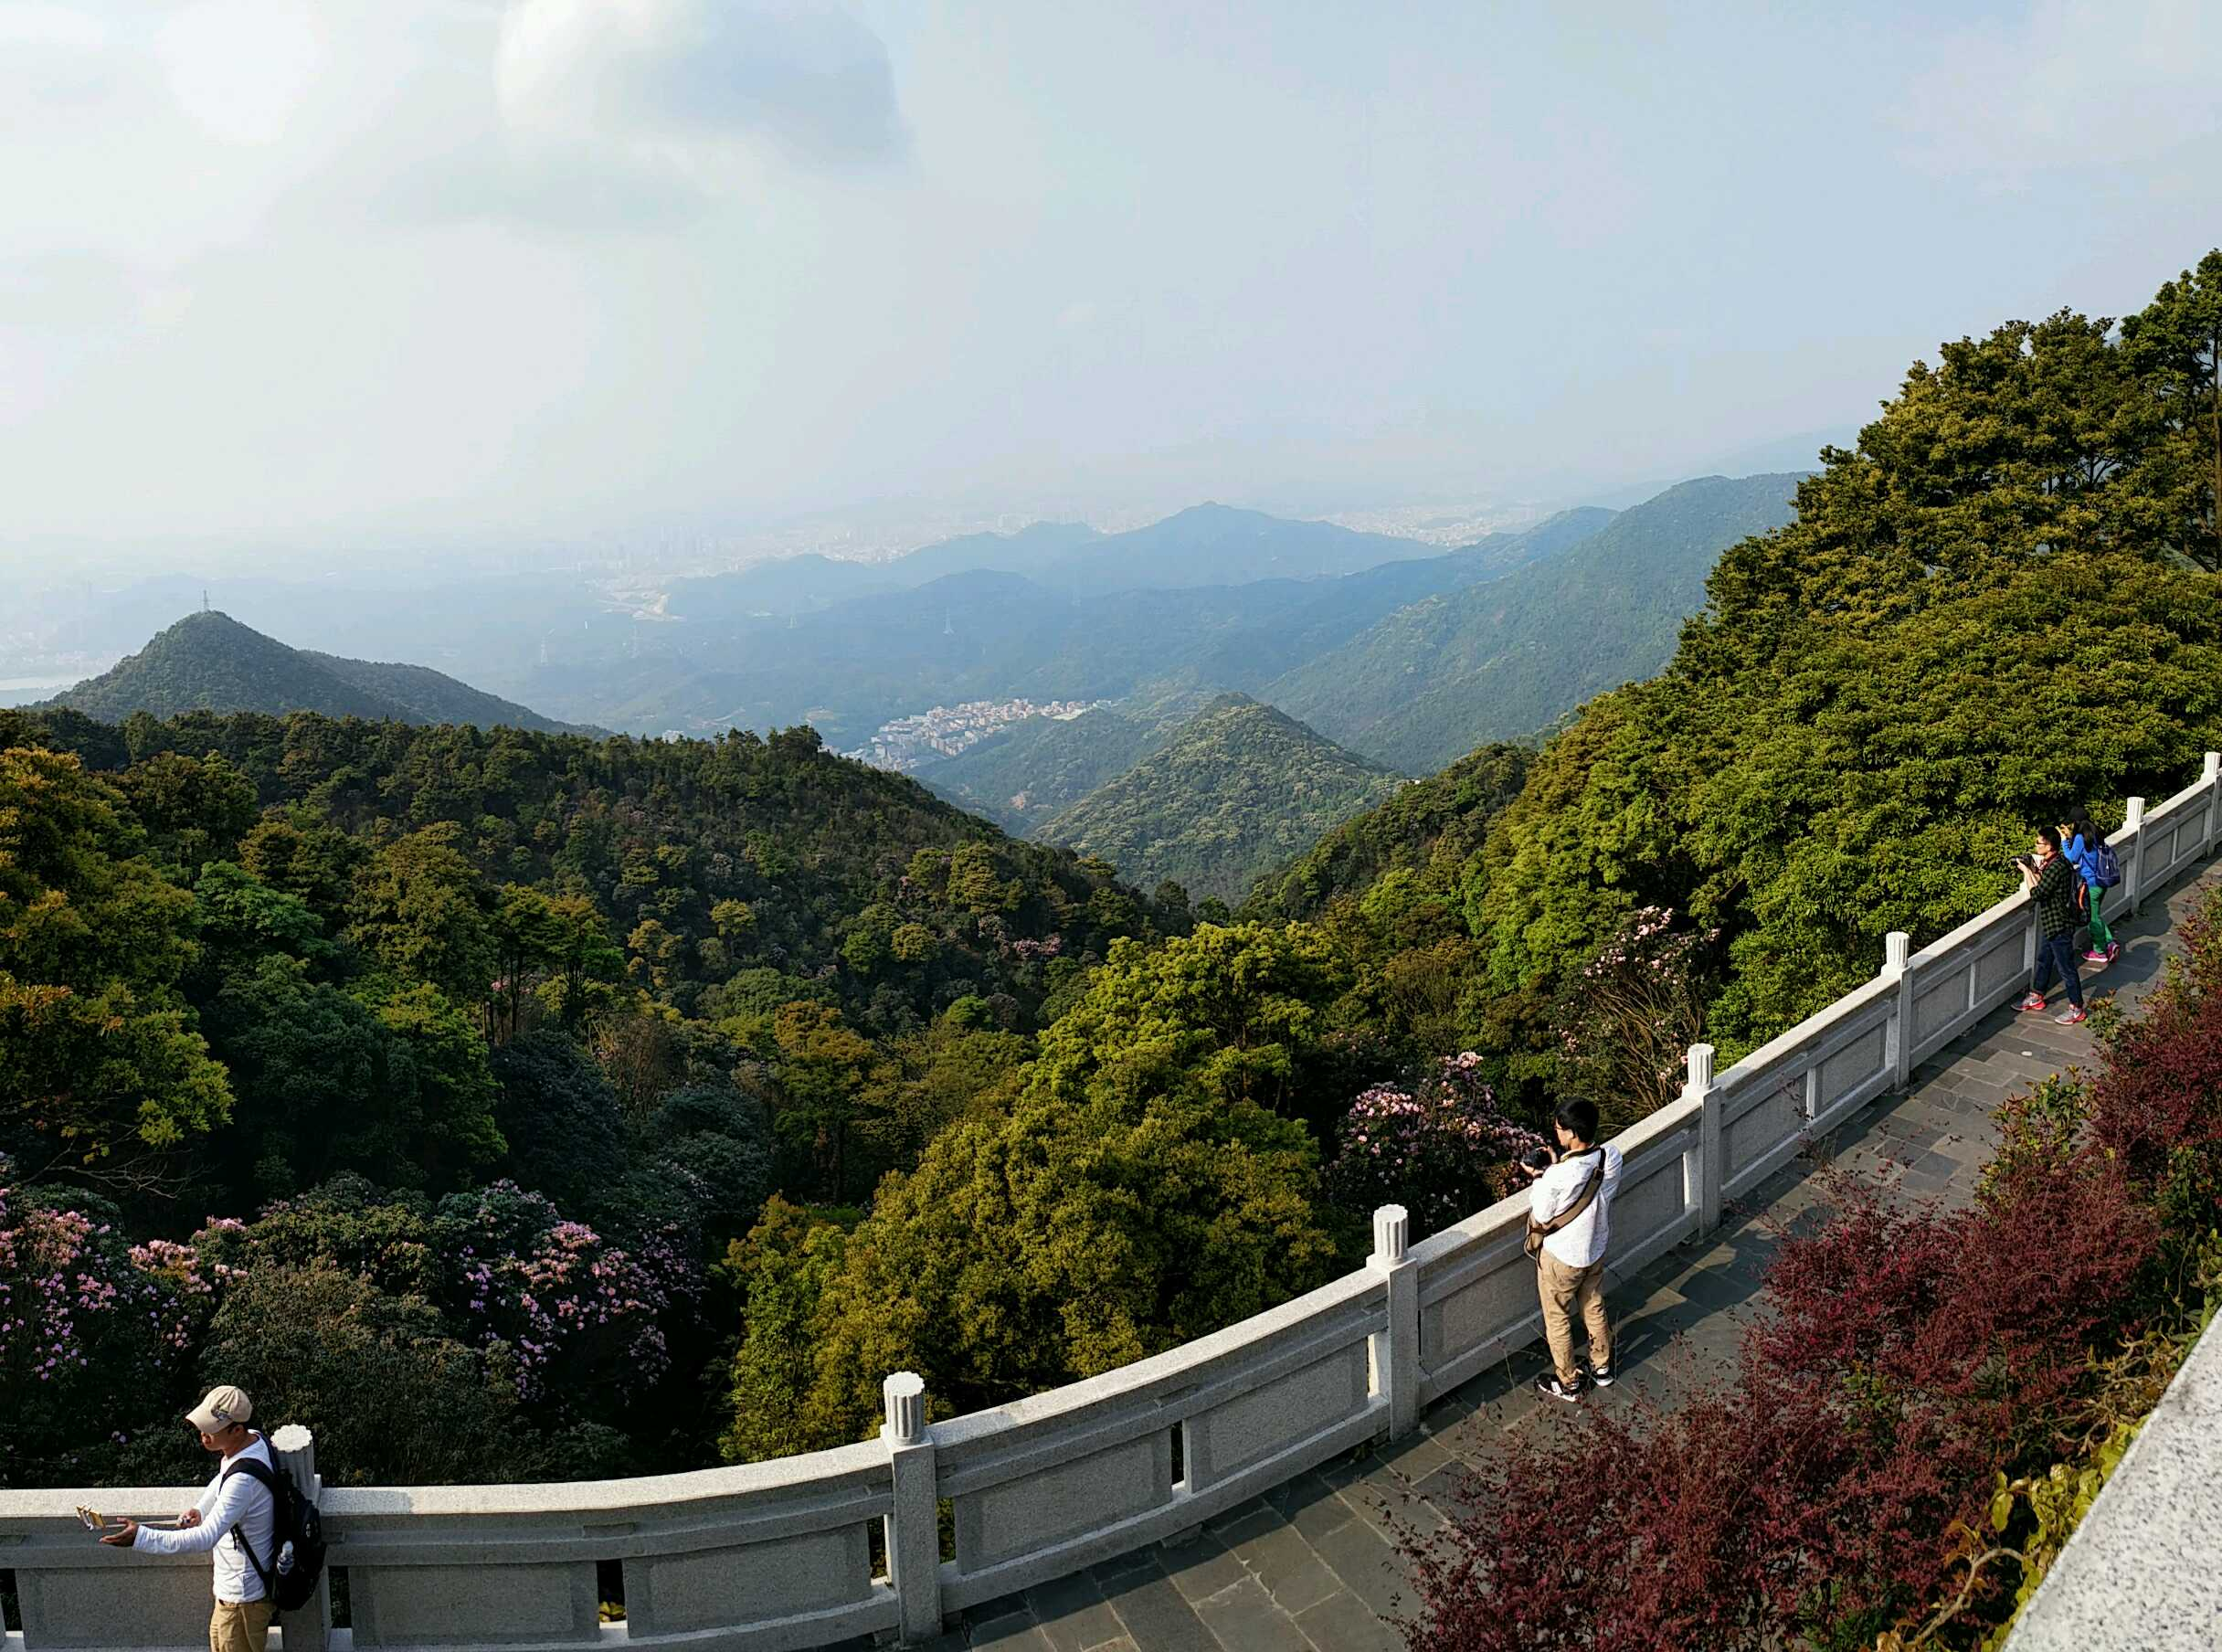 梧桐山风景